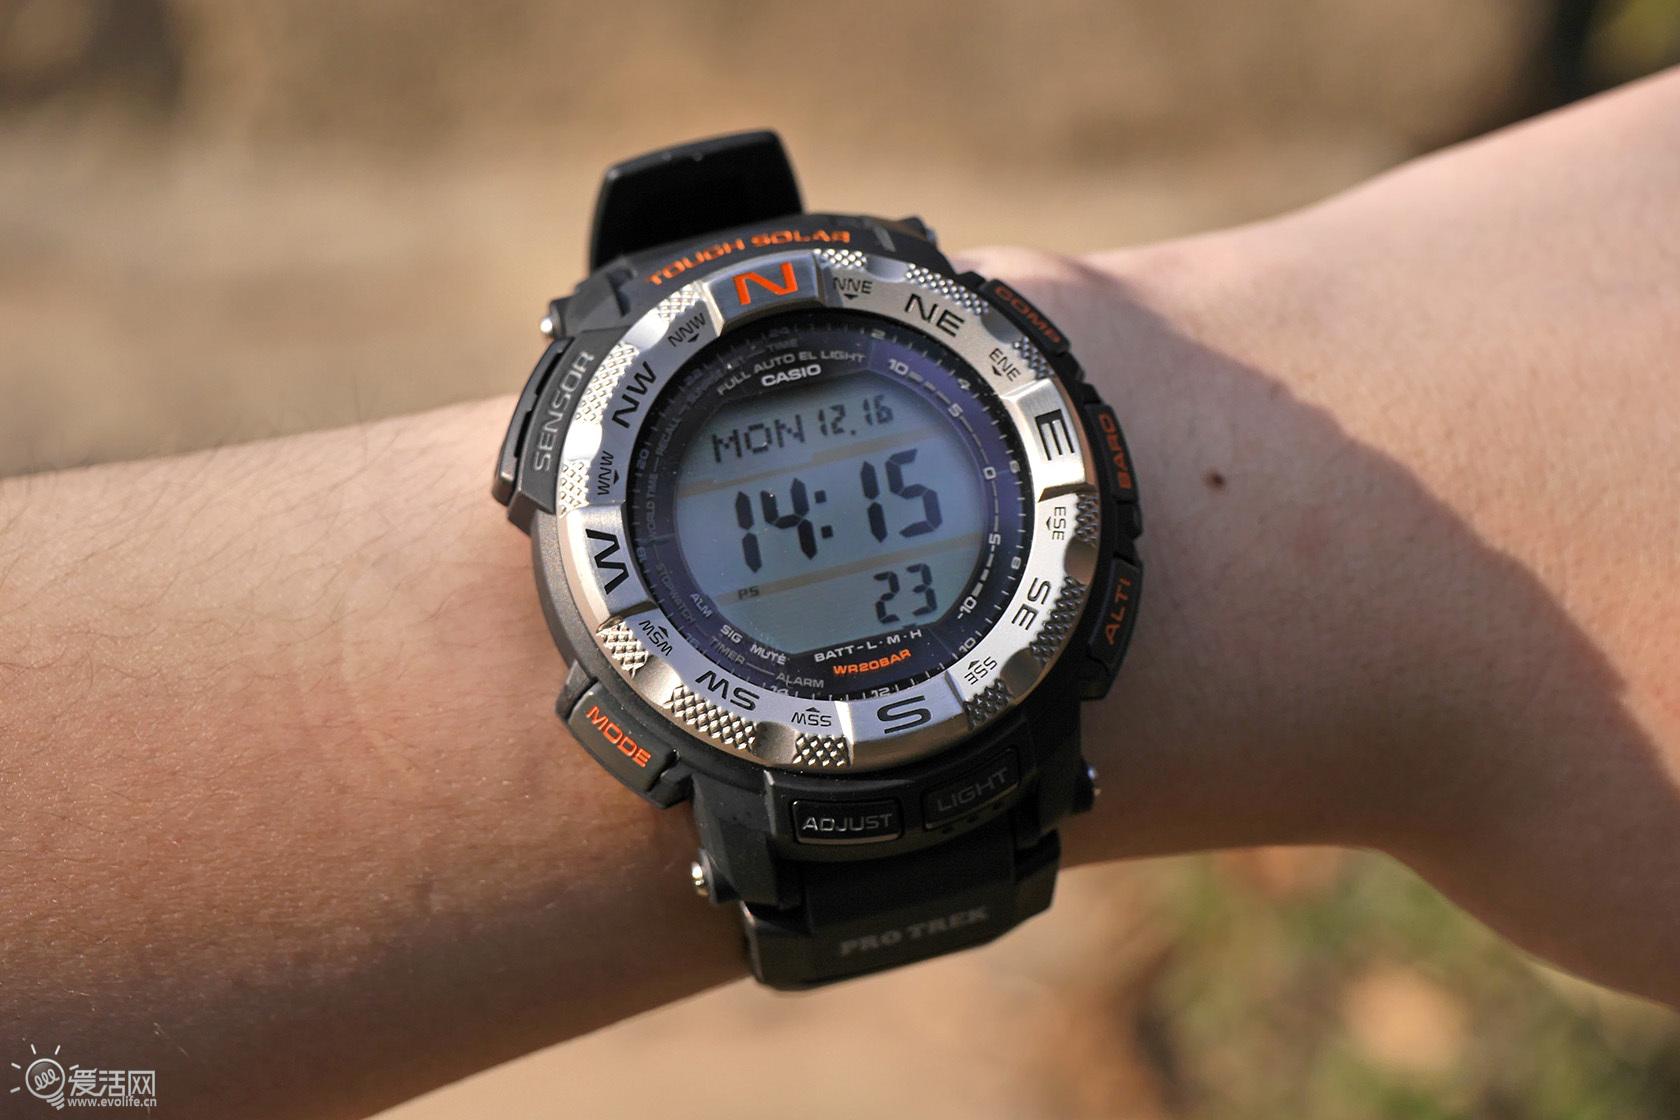 荒野生存硬汉 卡西欧专业登山表pro trek prg-260体验